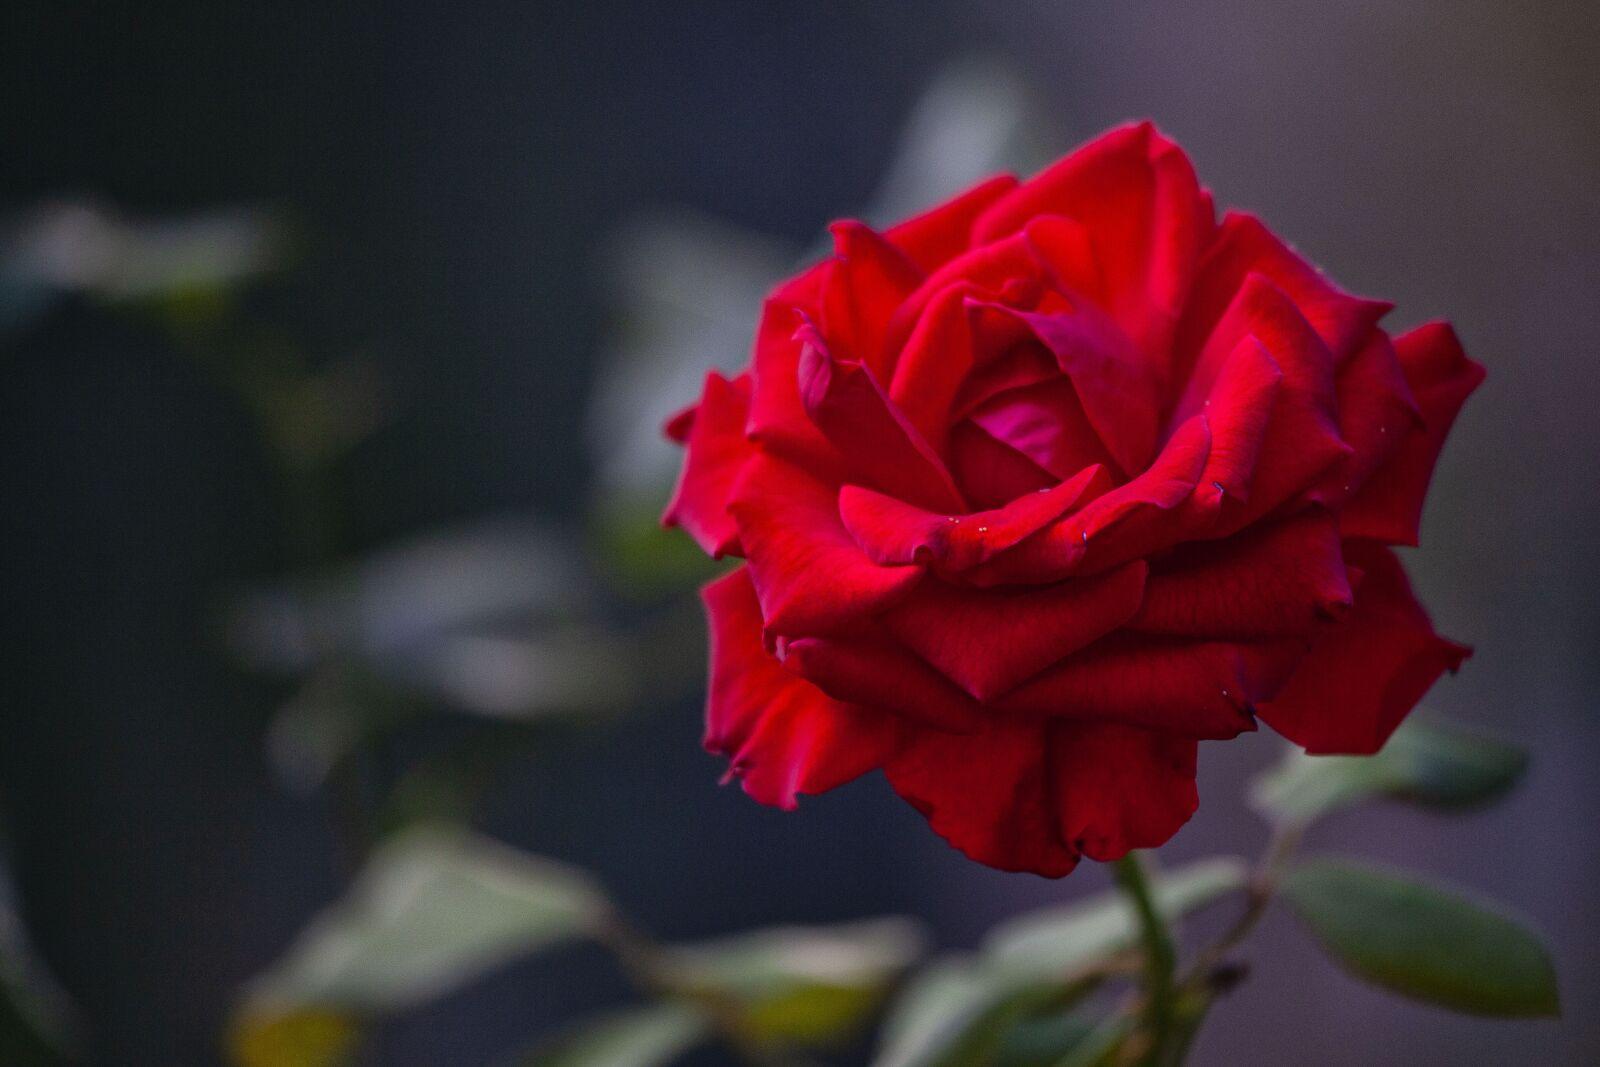 rosa, flower, nature